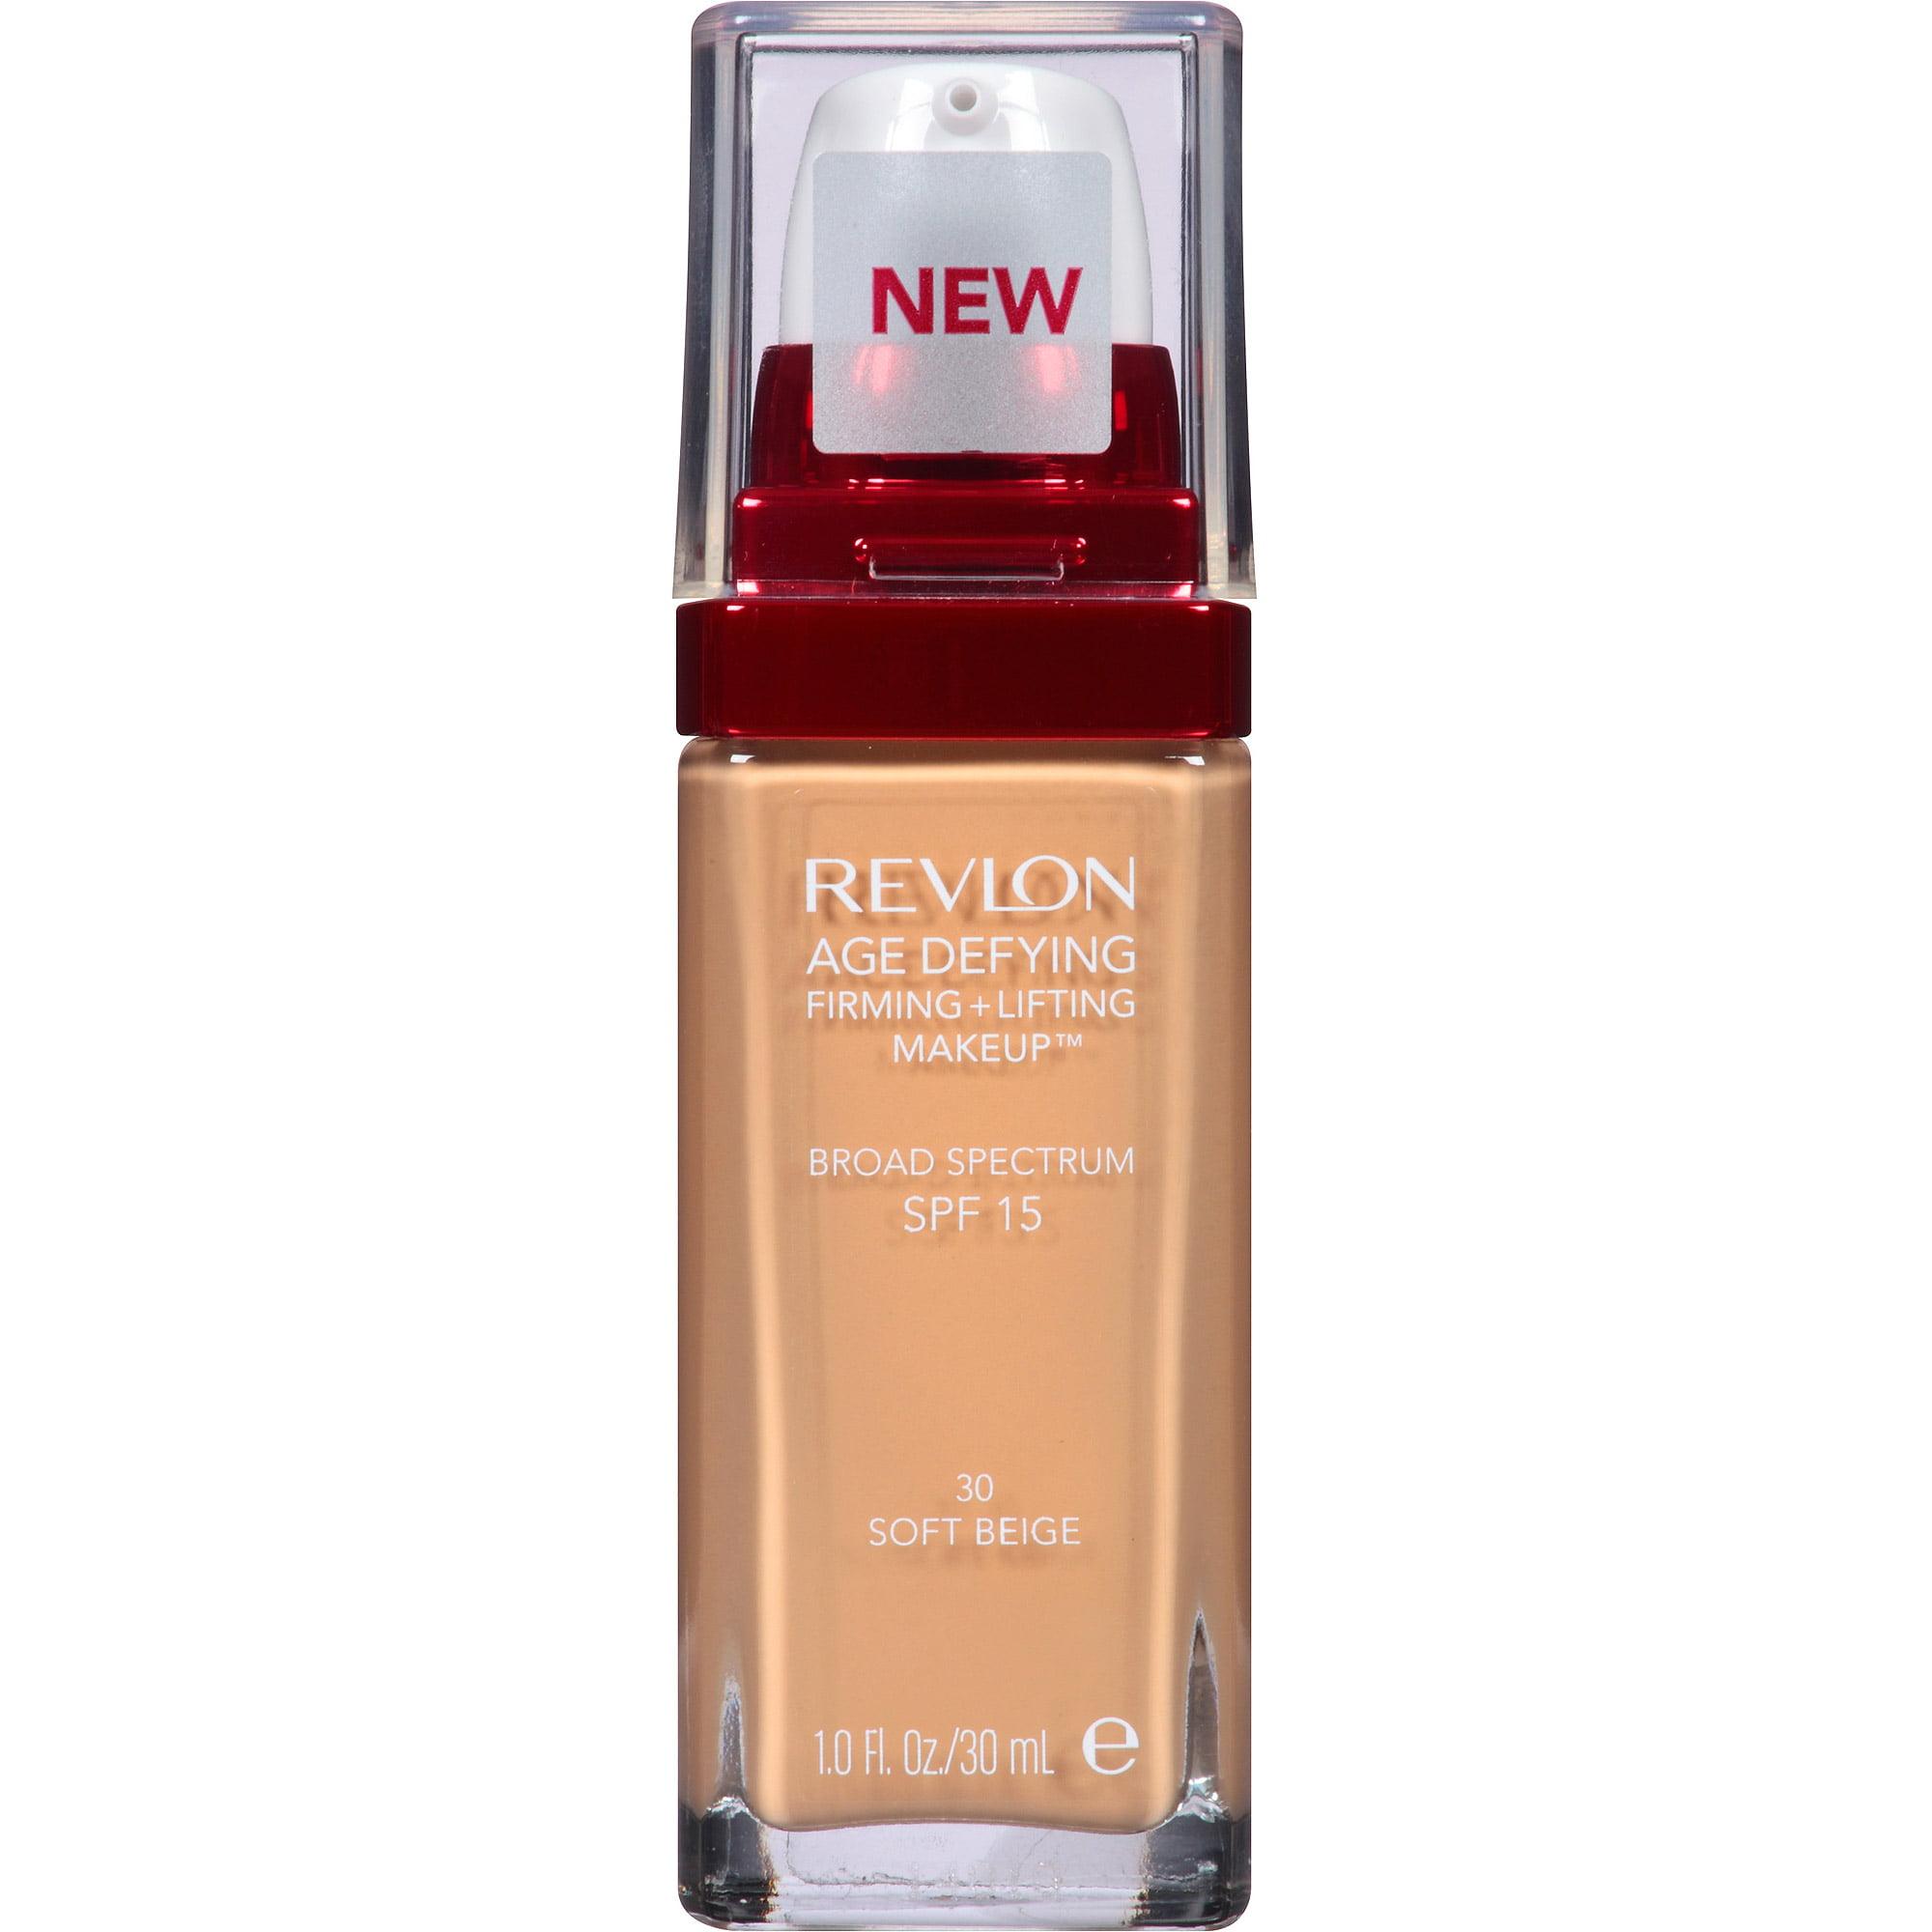 Maquillaje Para El Rostro Revlon edad desafiando reafirmante + Lifting maquillaje, Beige suave 30, 1 fl oz + Revlon en Veo y Compro